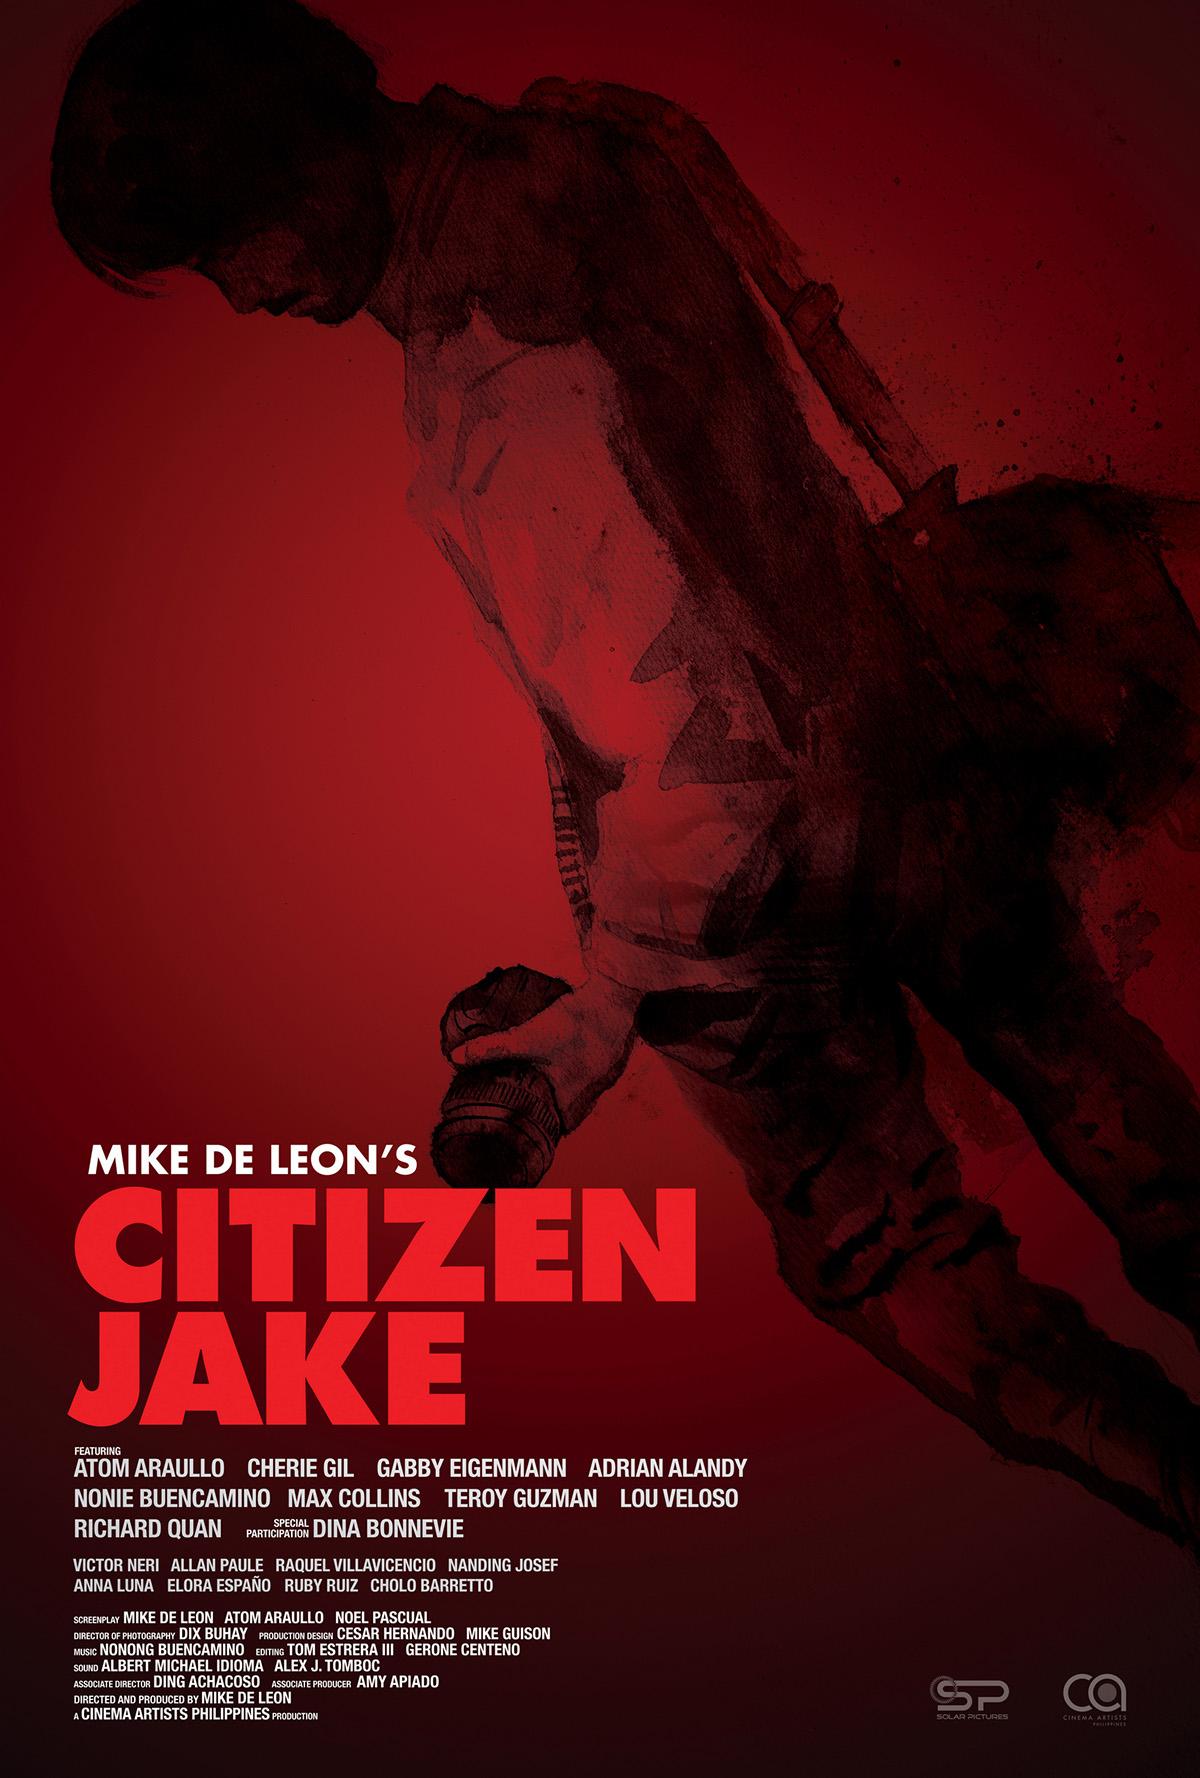 Citizen Jake Poster_2MB.jpg